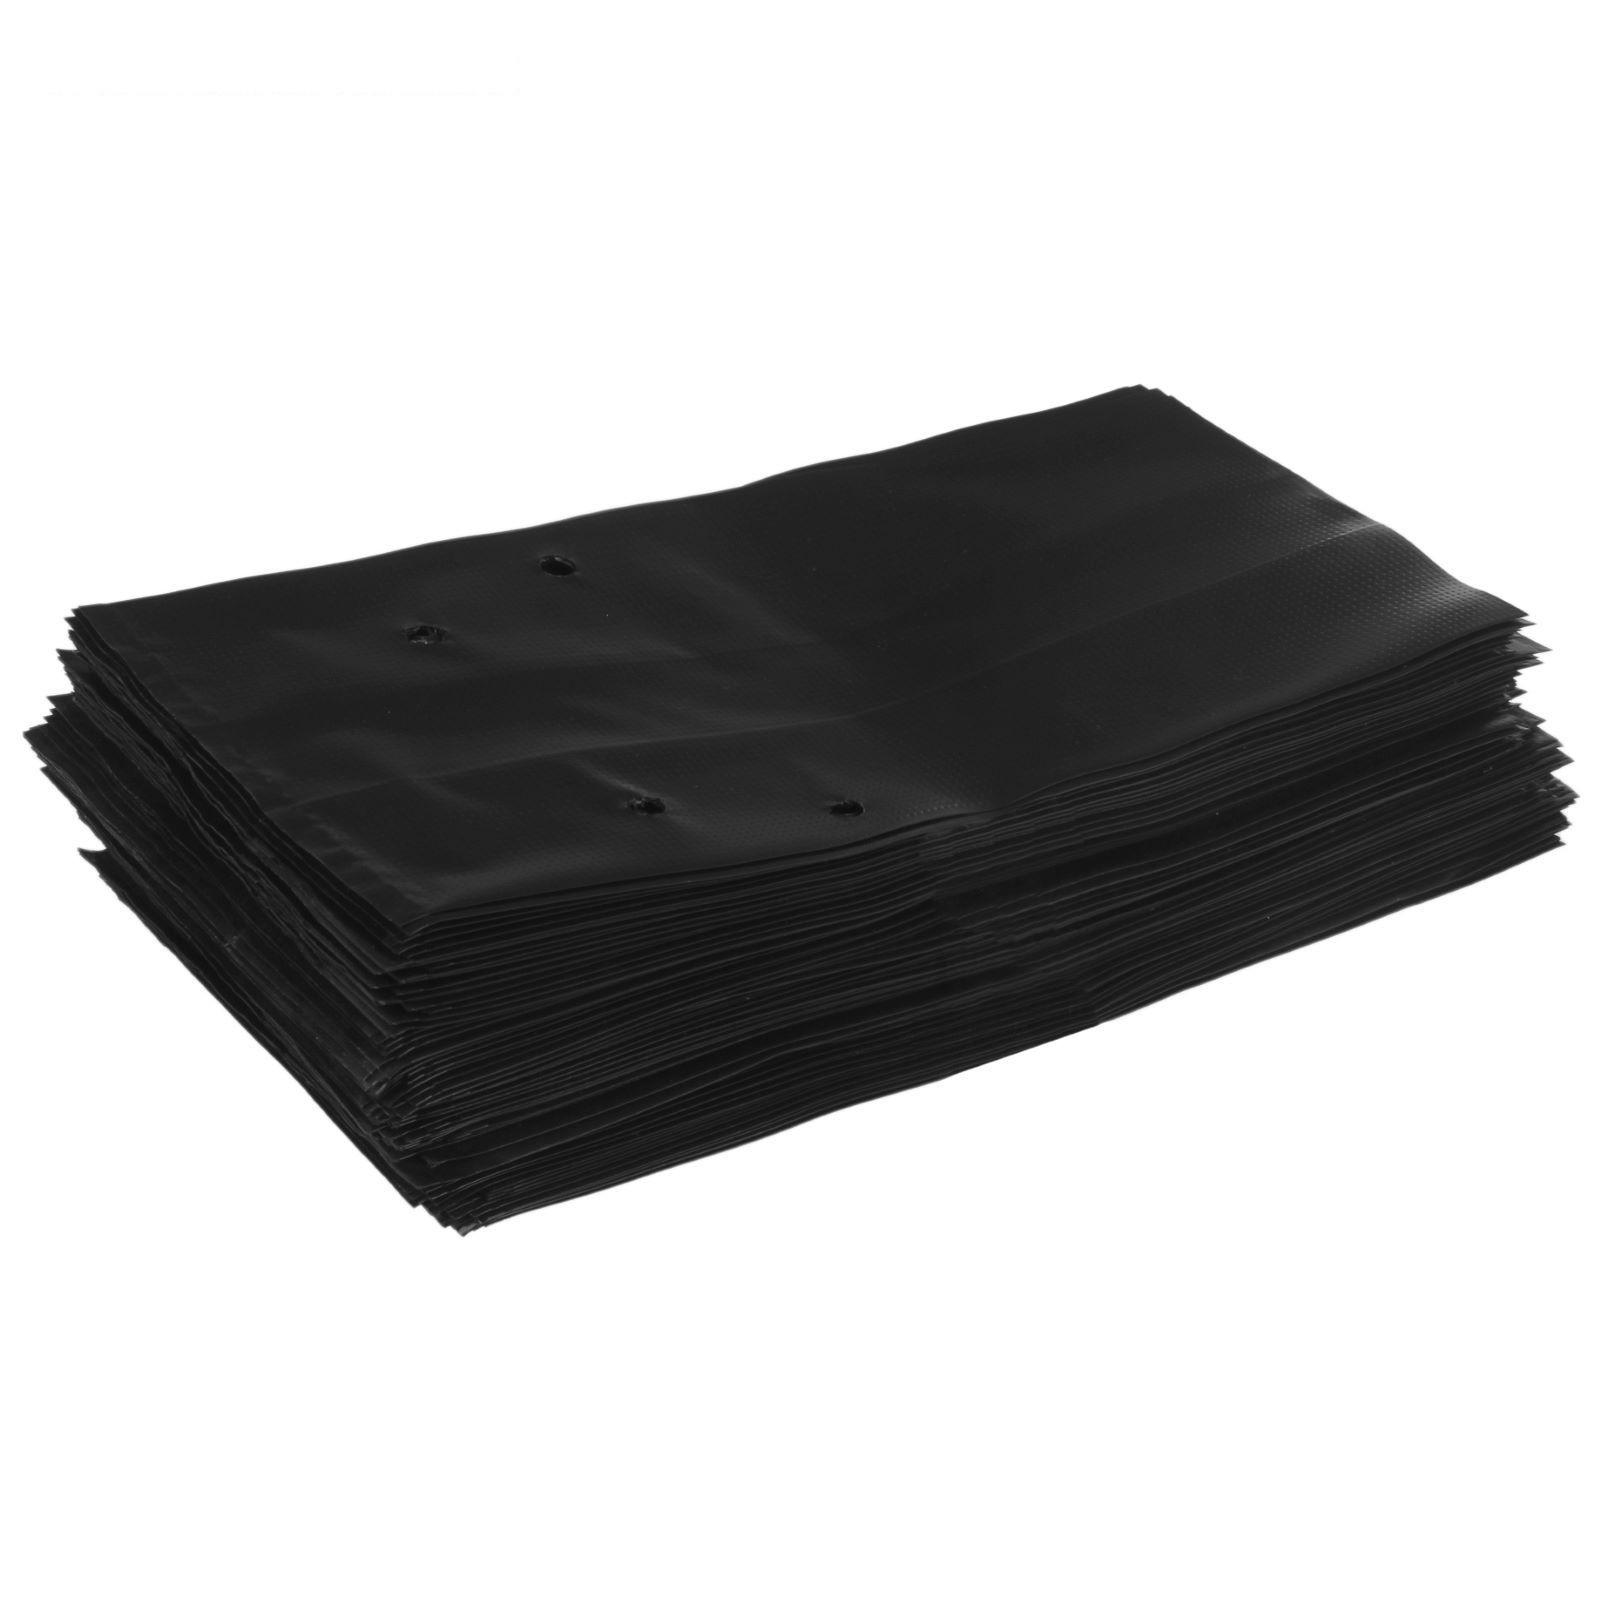 Пакет для рассады и саженцев с отверстиями 45х60 см, 10 л, пачка 50 шт